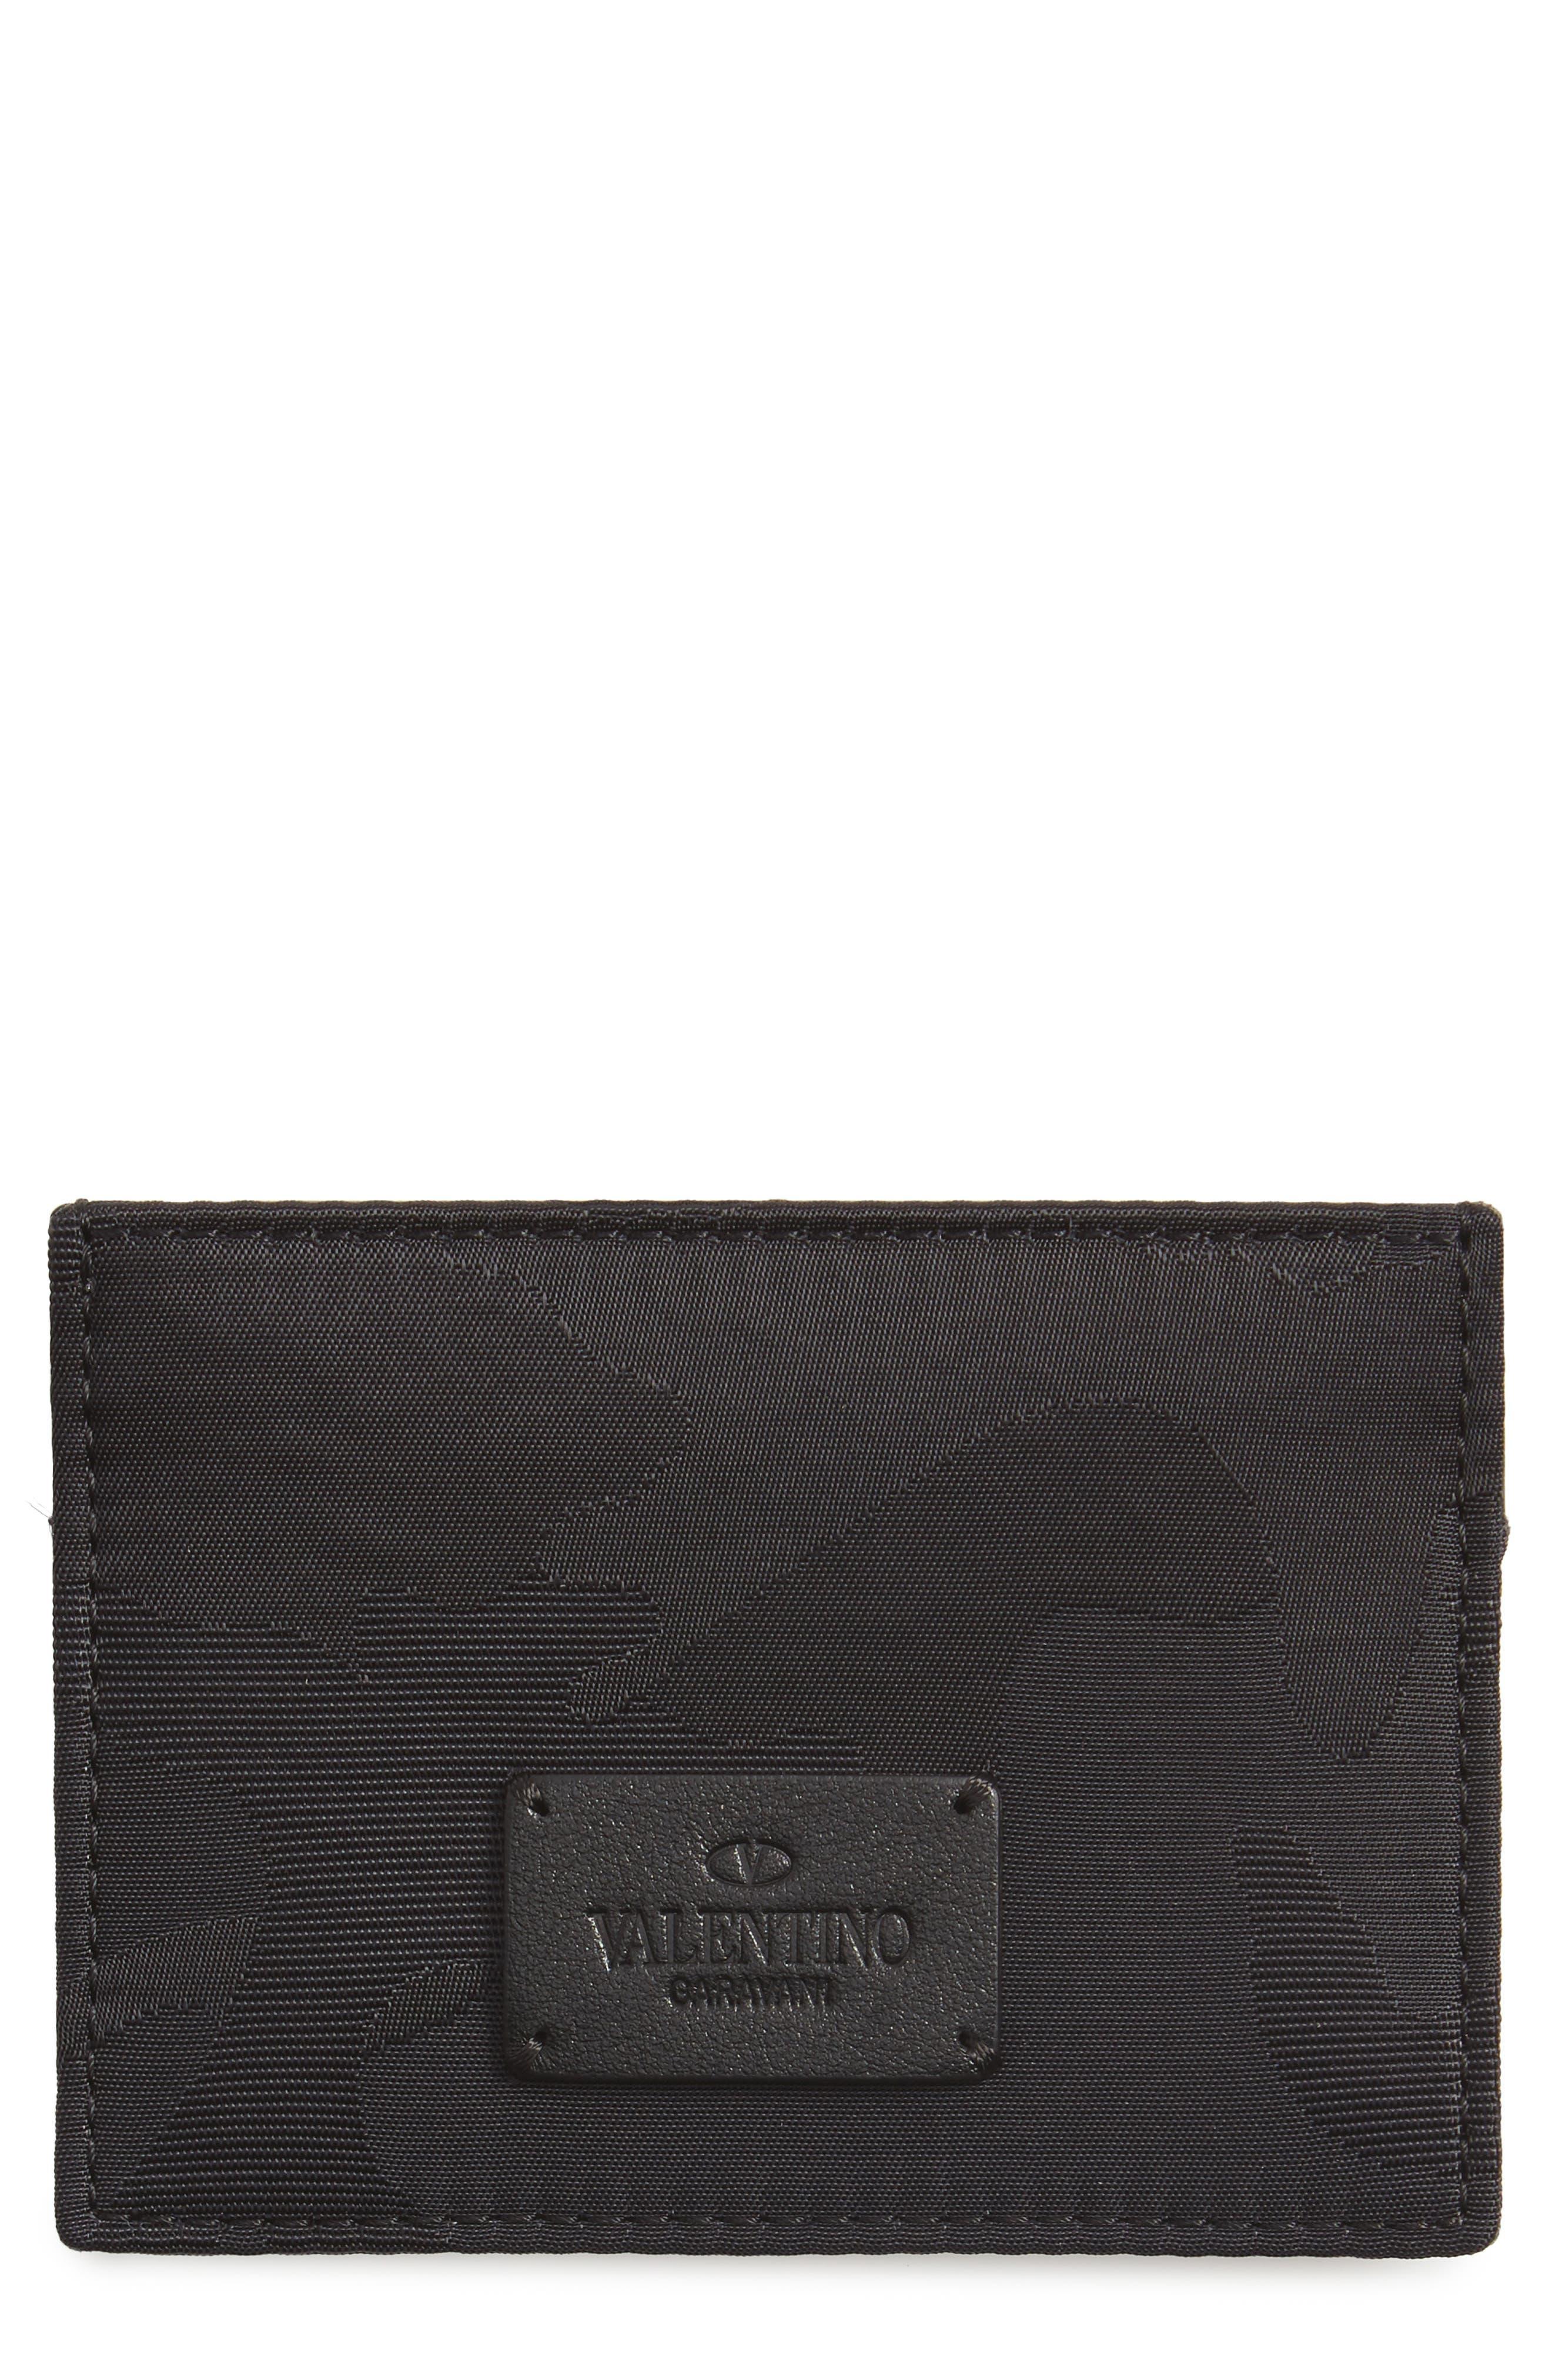 VALENTINO GARAVANI Camo Card Case